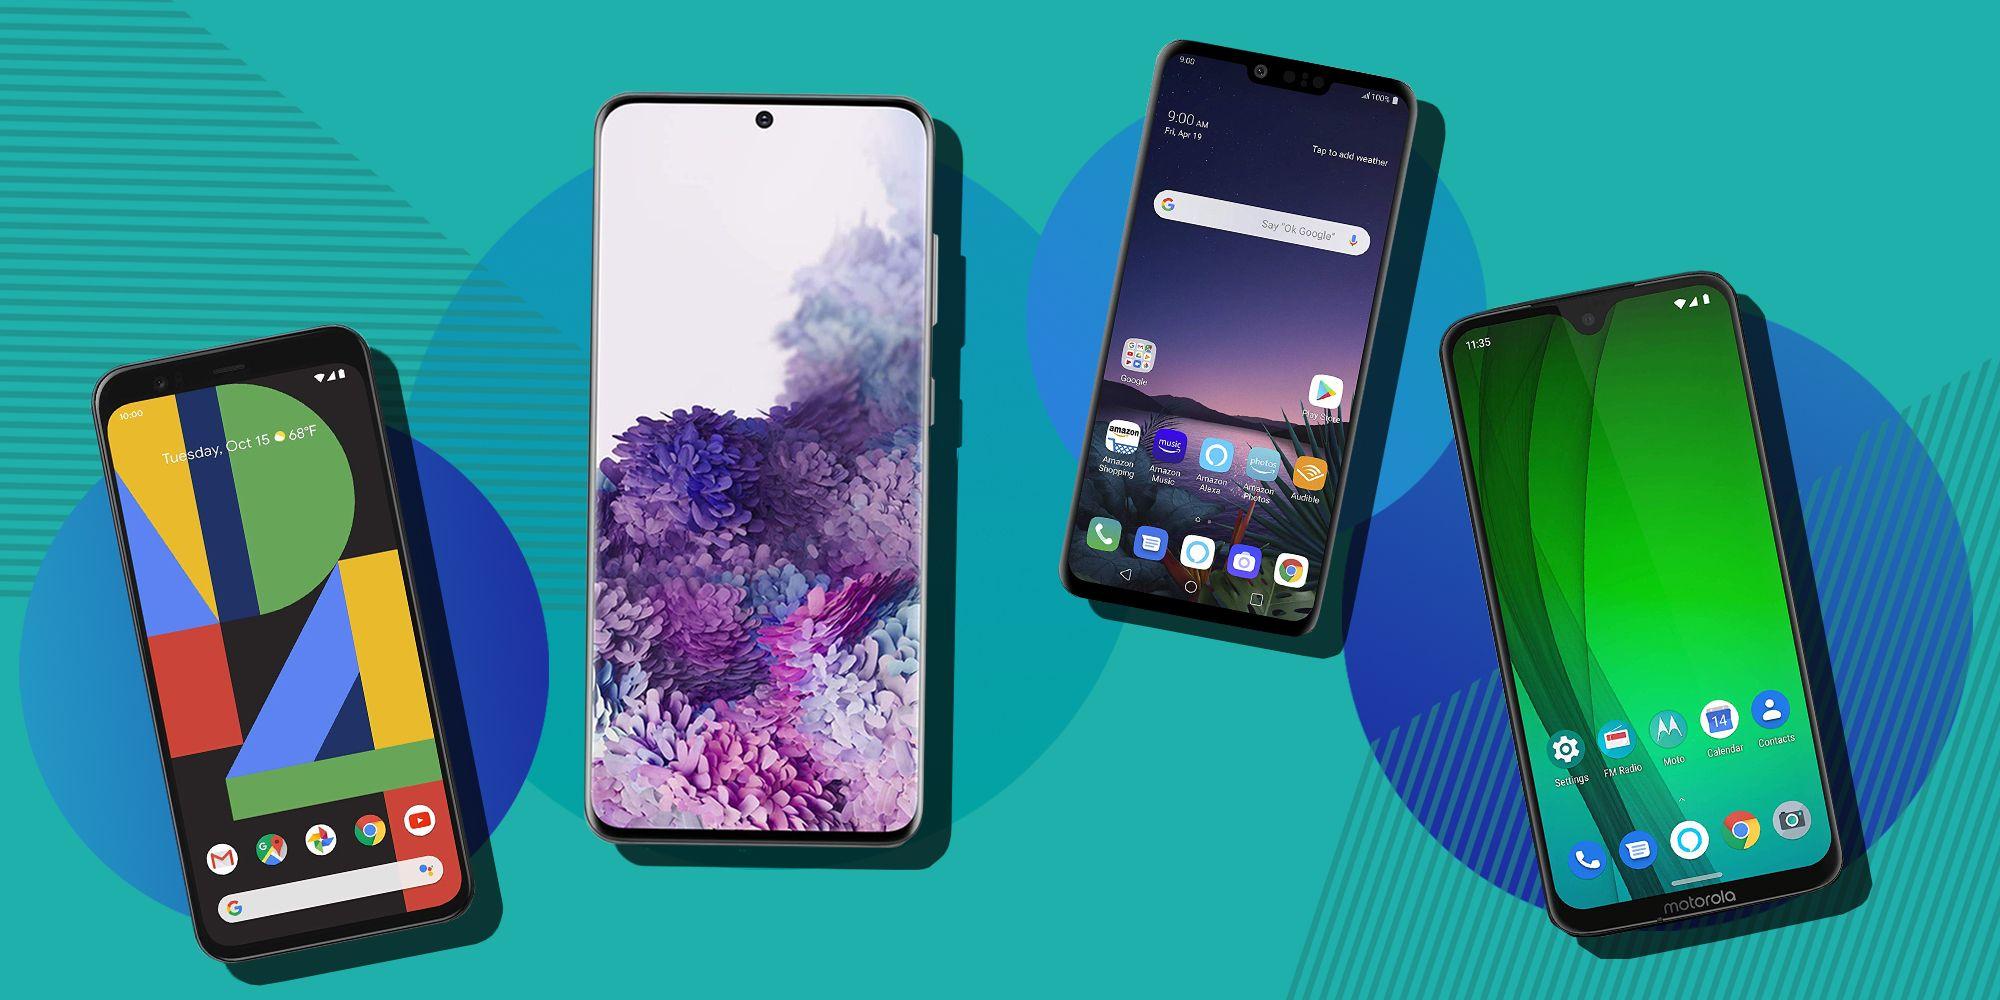 En hızlı telefonlar açıklandı! Xiaomi Mi 10 zirvede!